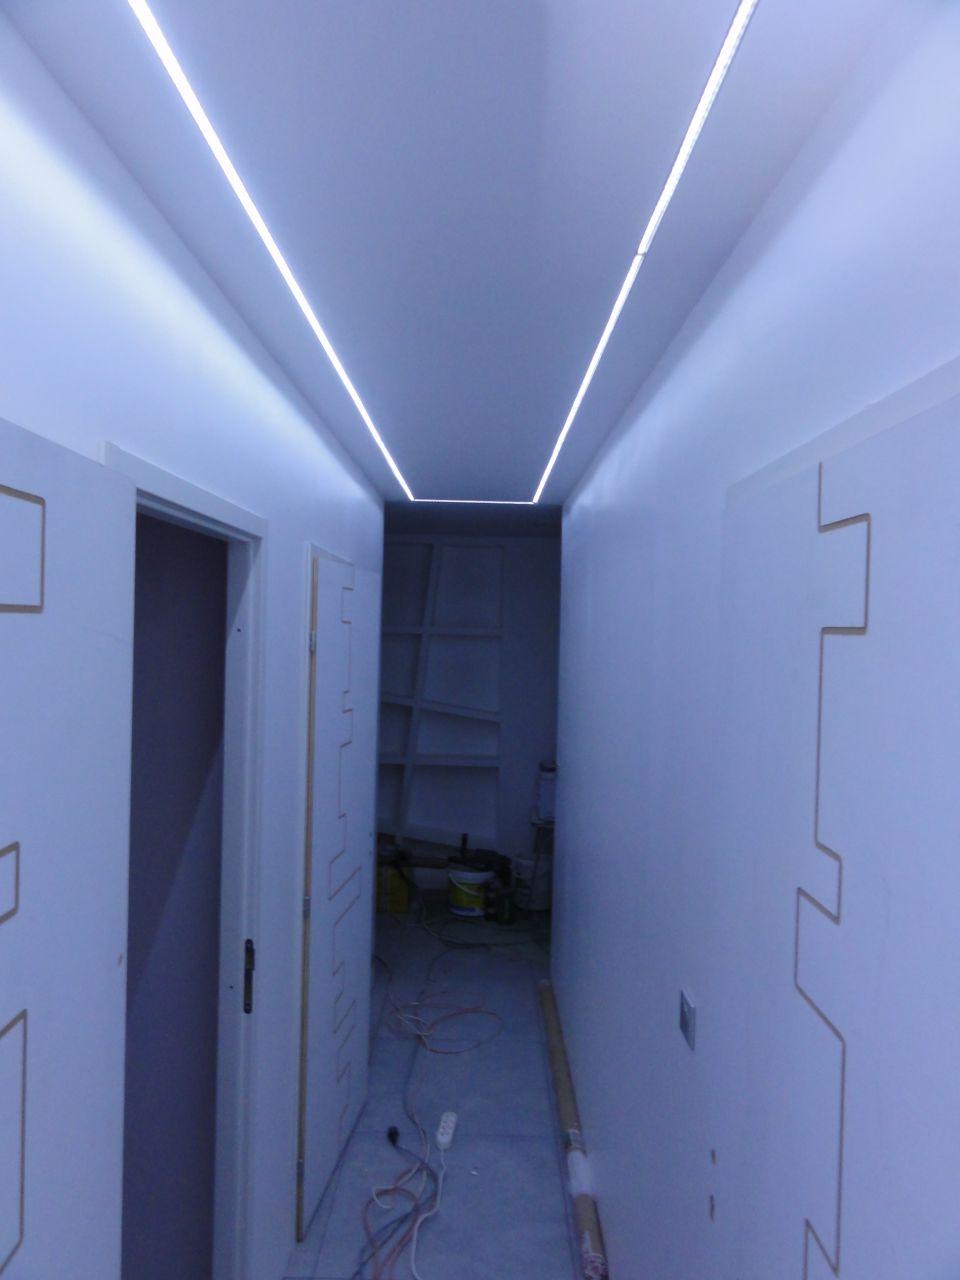 Bandeau Led Encastrable Plafond ruban led de qualité pour l'éclairage - 17 messages